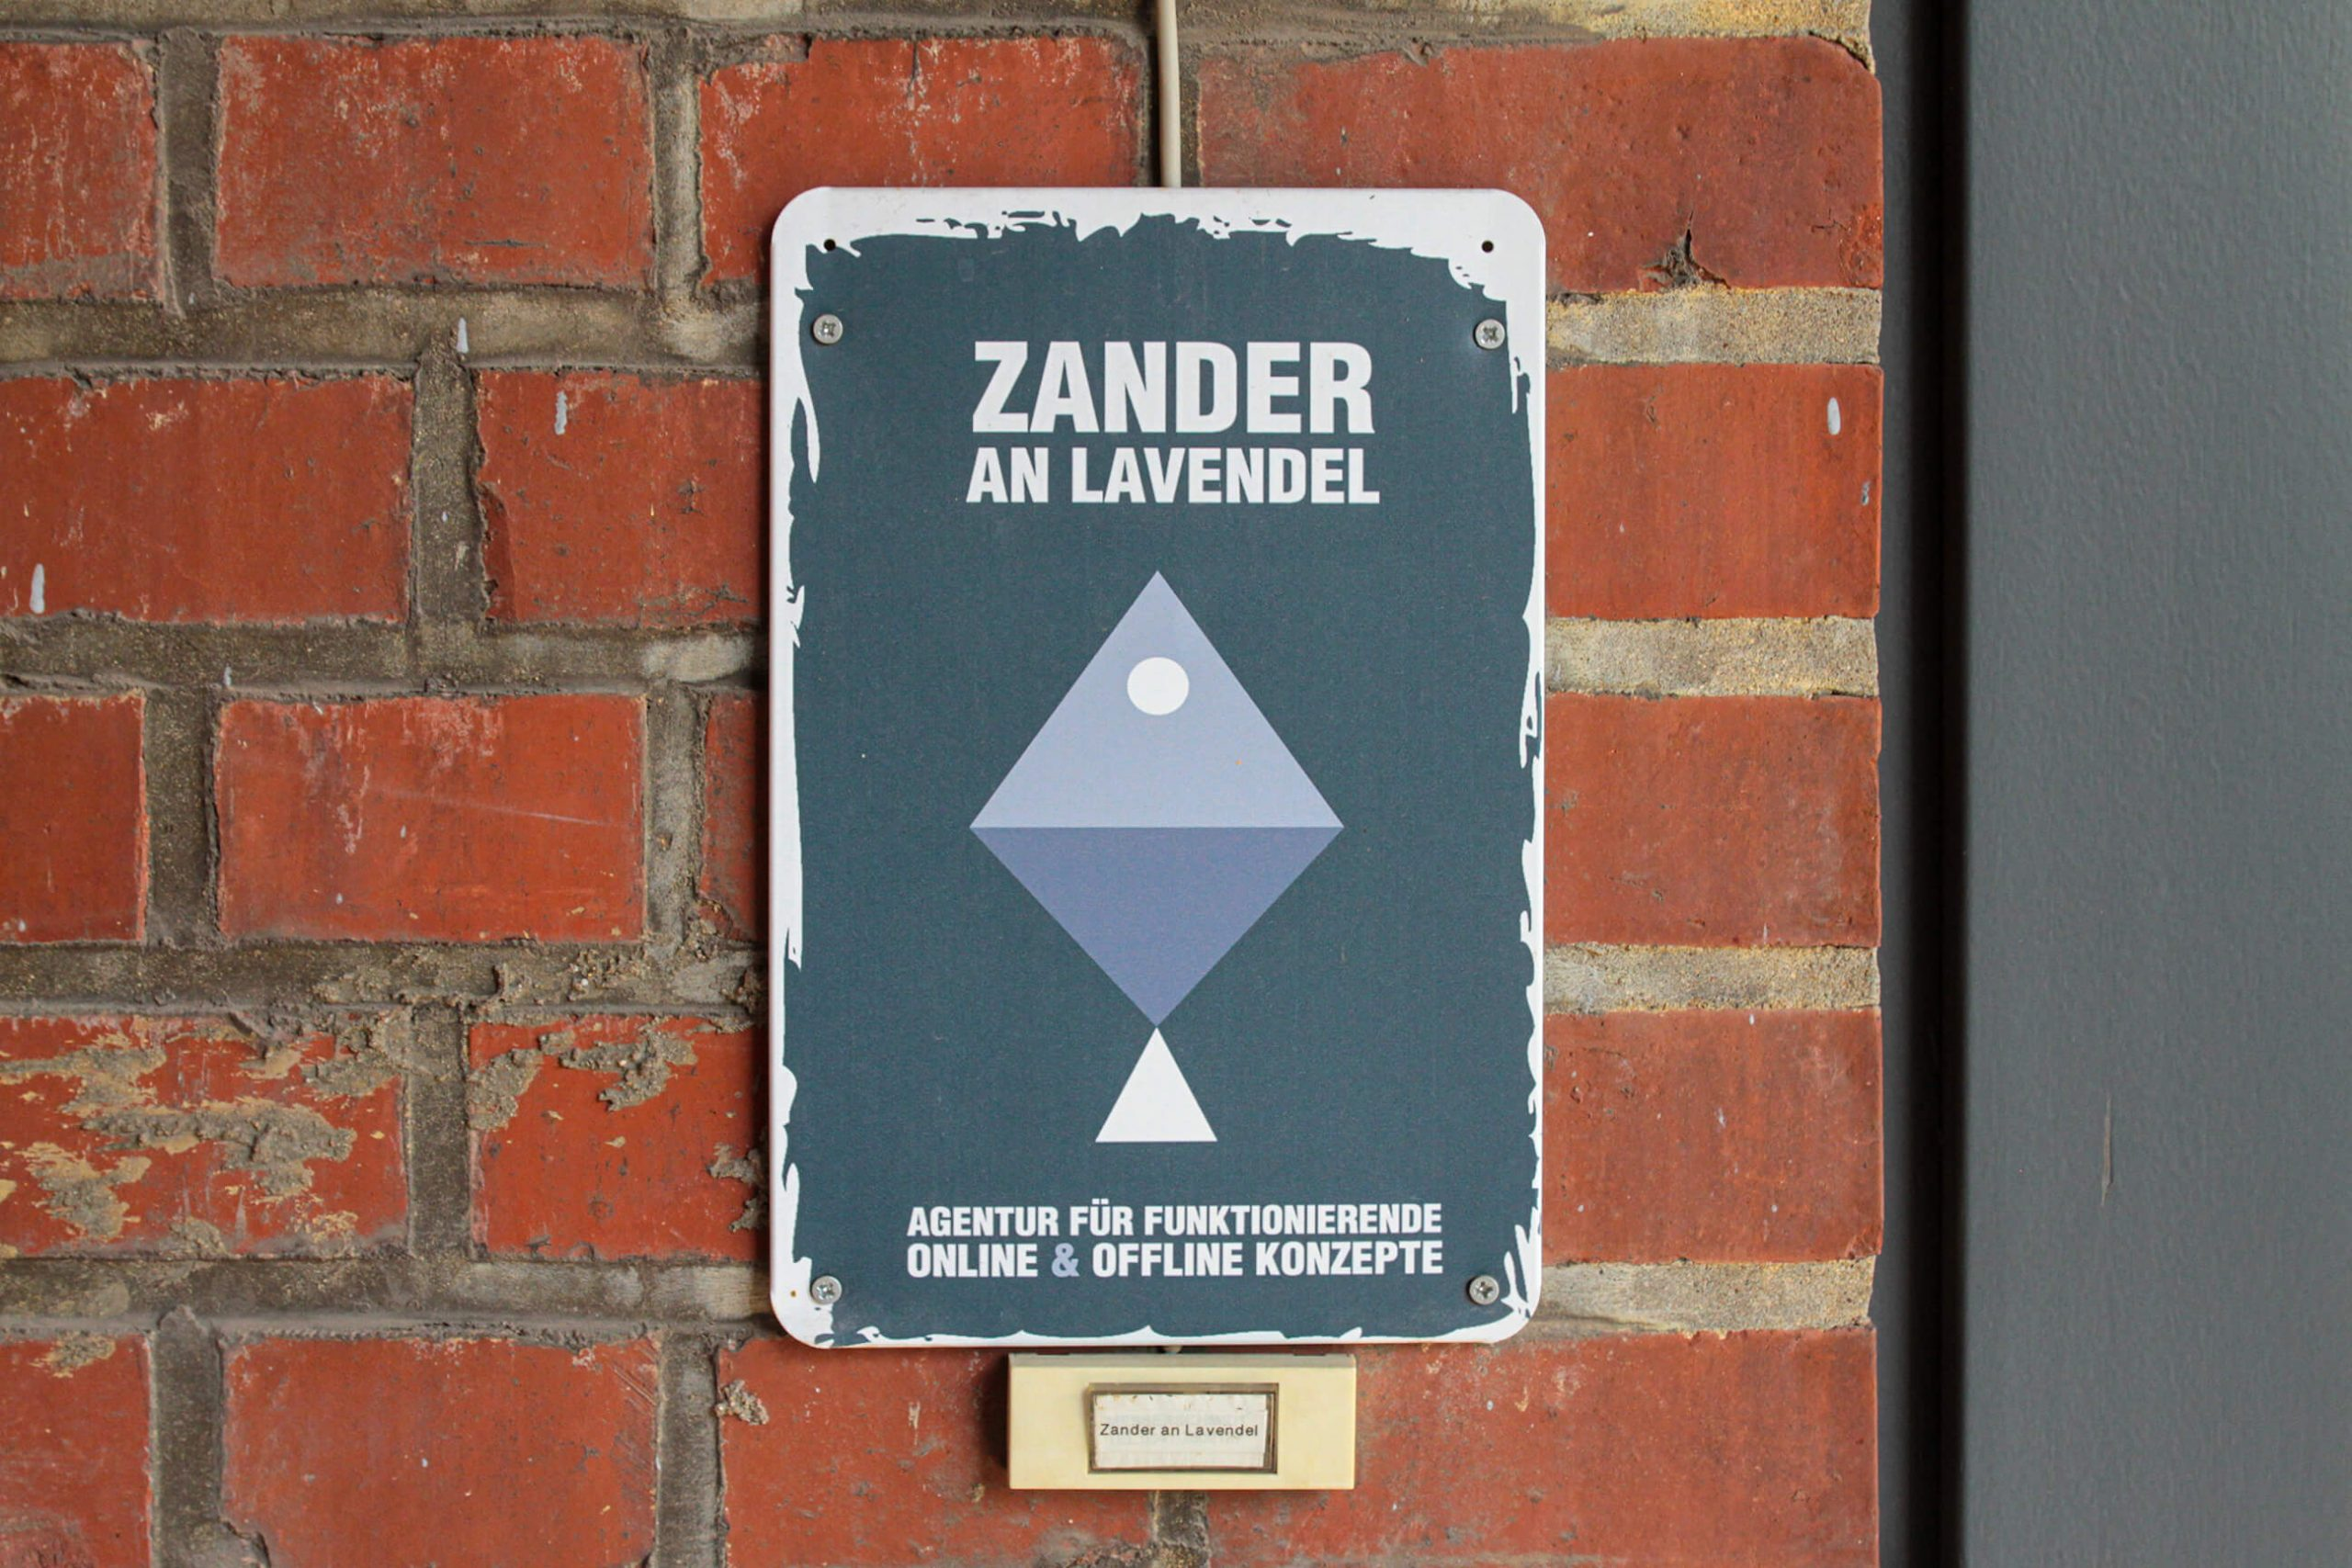 Türschild von Zander an Lavendel